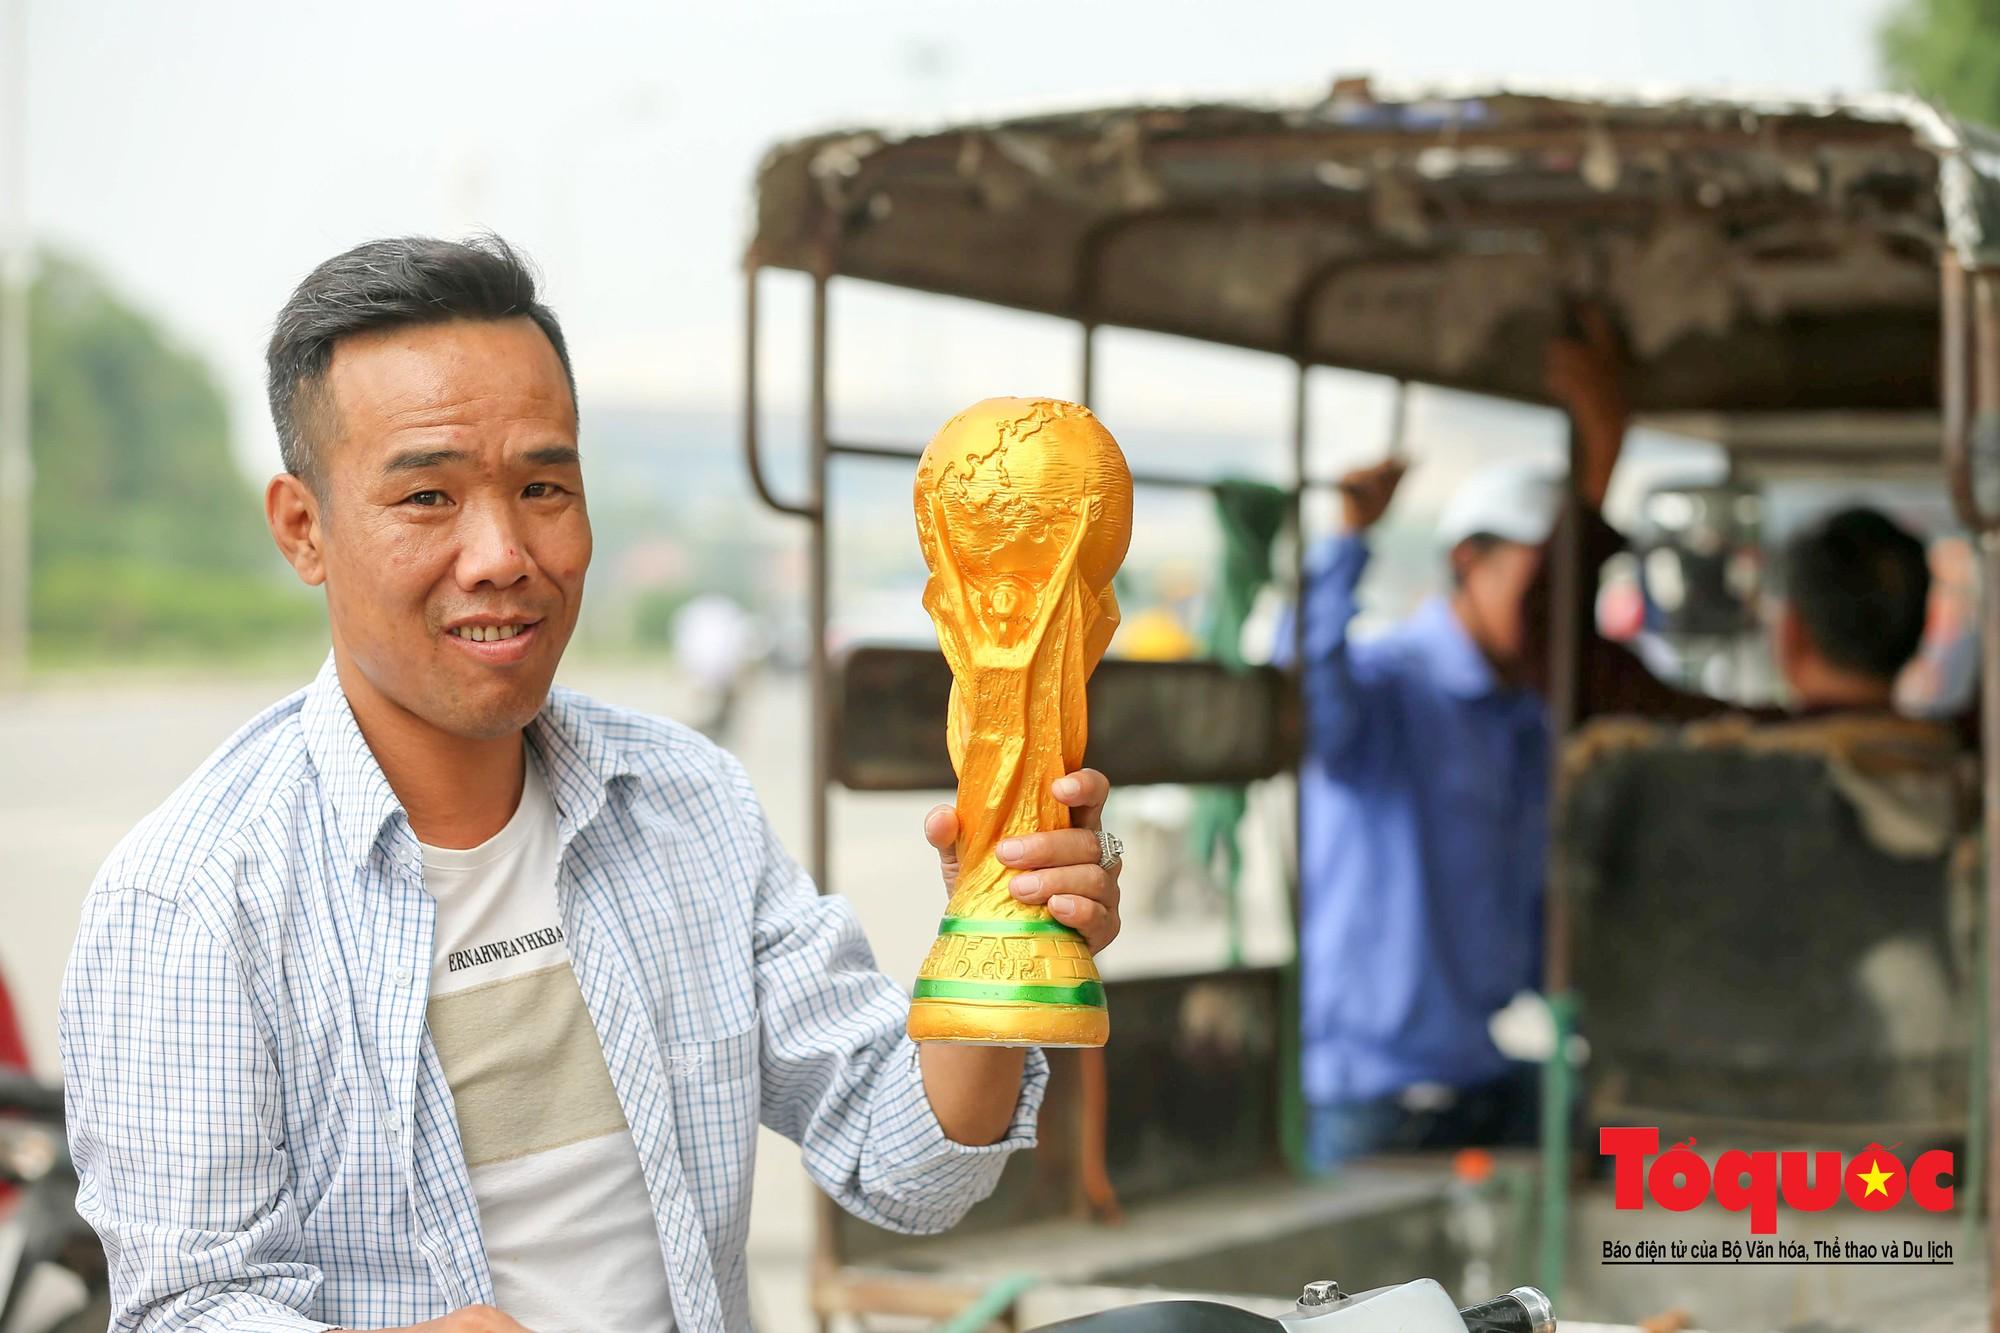 Hai trăm nghìn cho một chiếc Cup vô định thế giới8